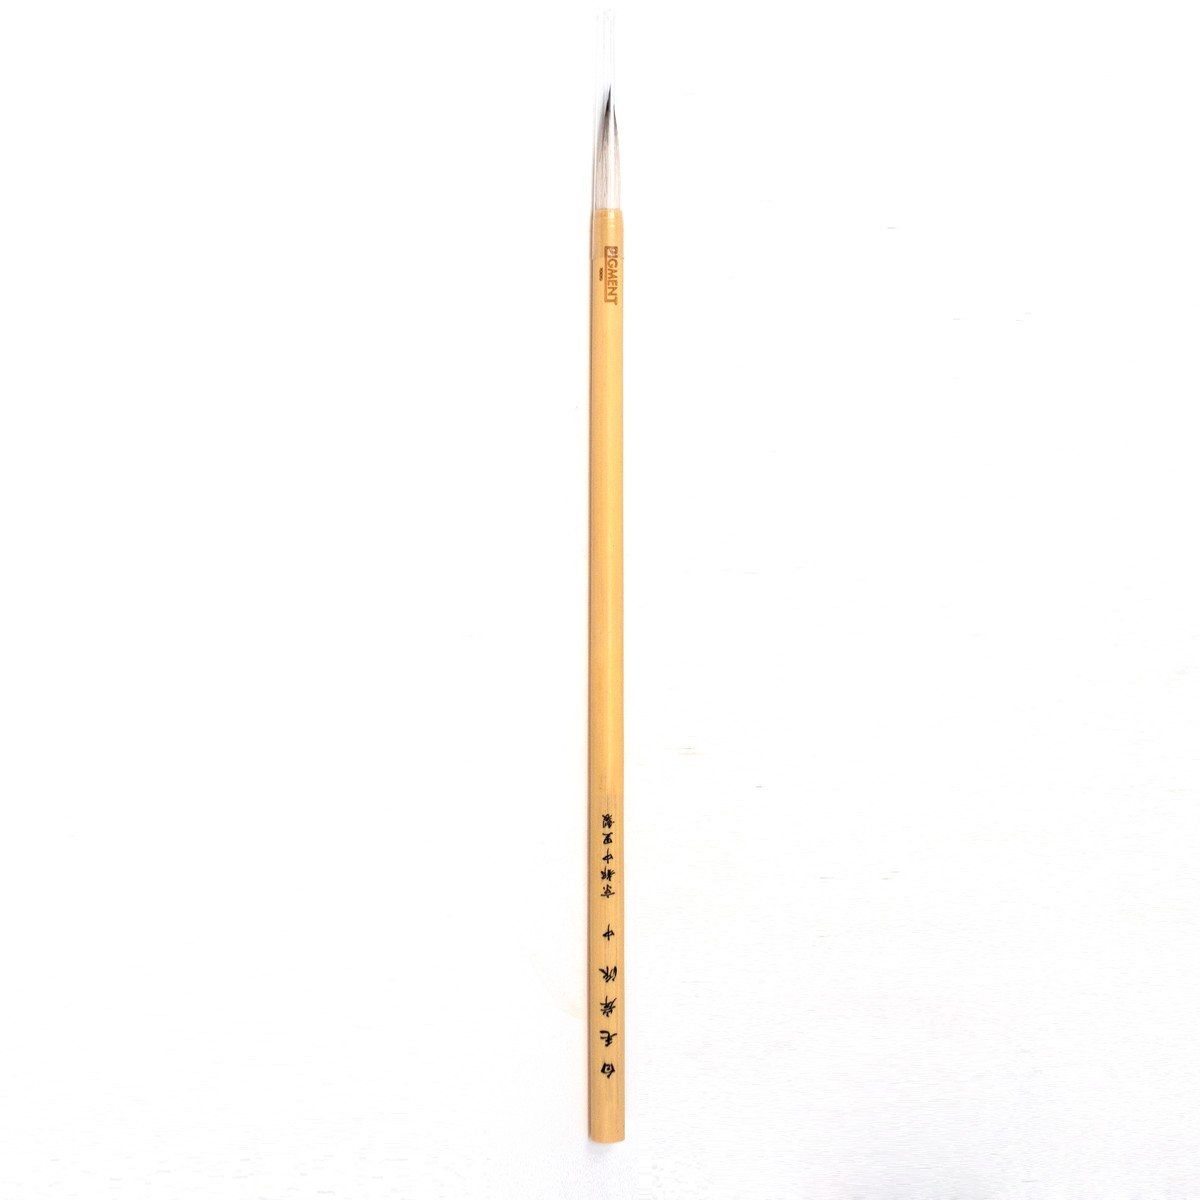 Photo of Kishi Brush and Ink Set